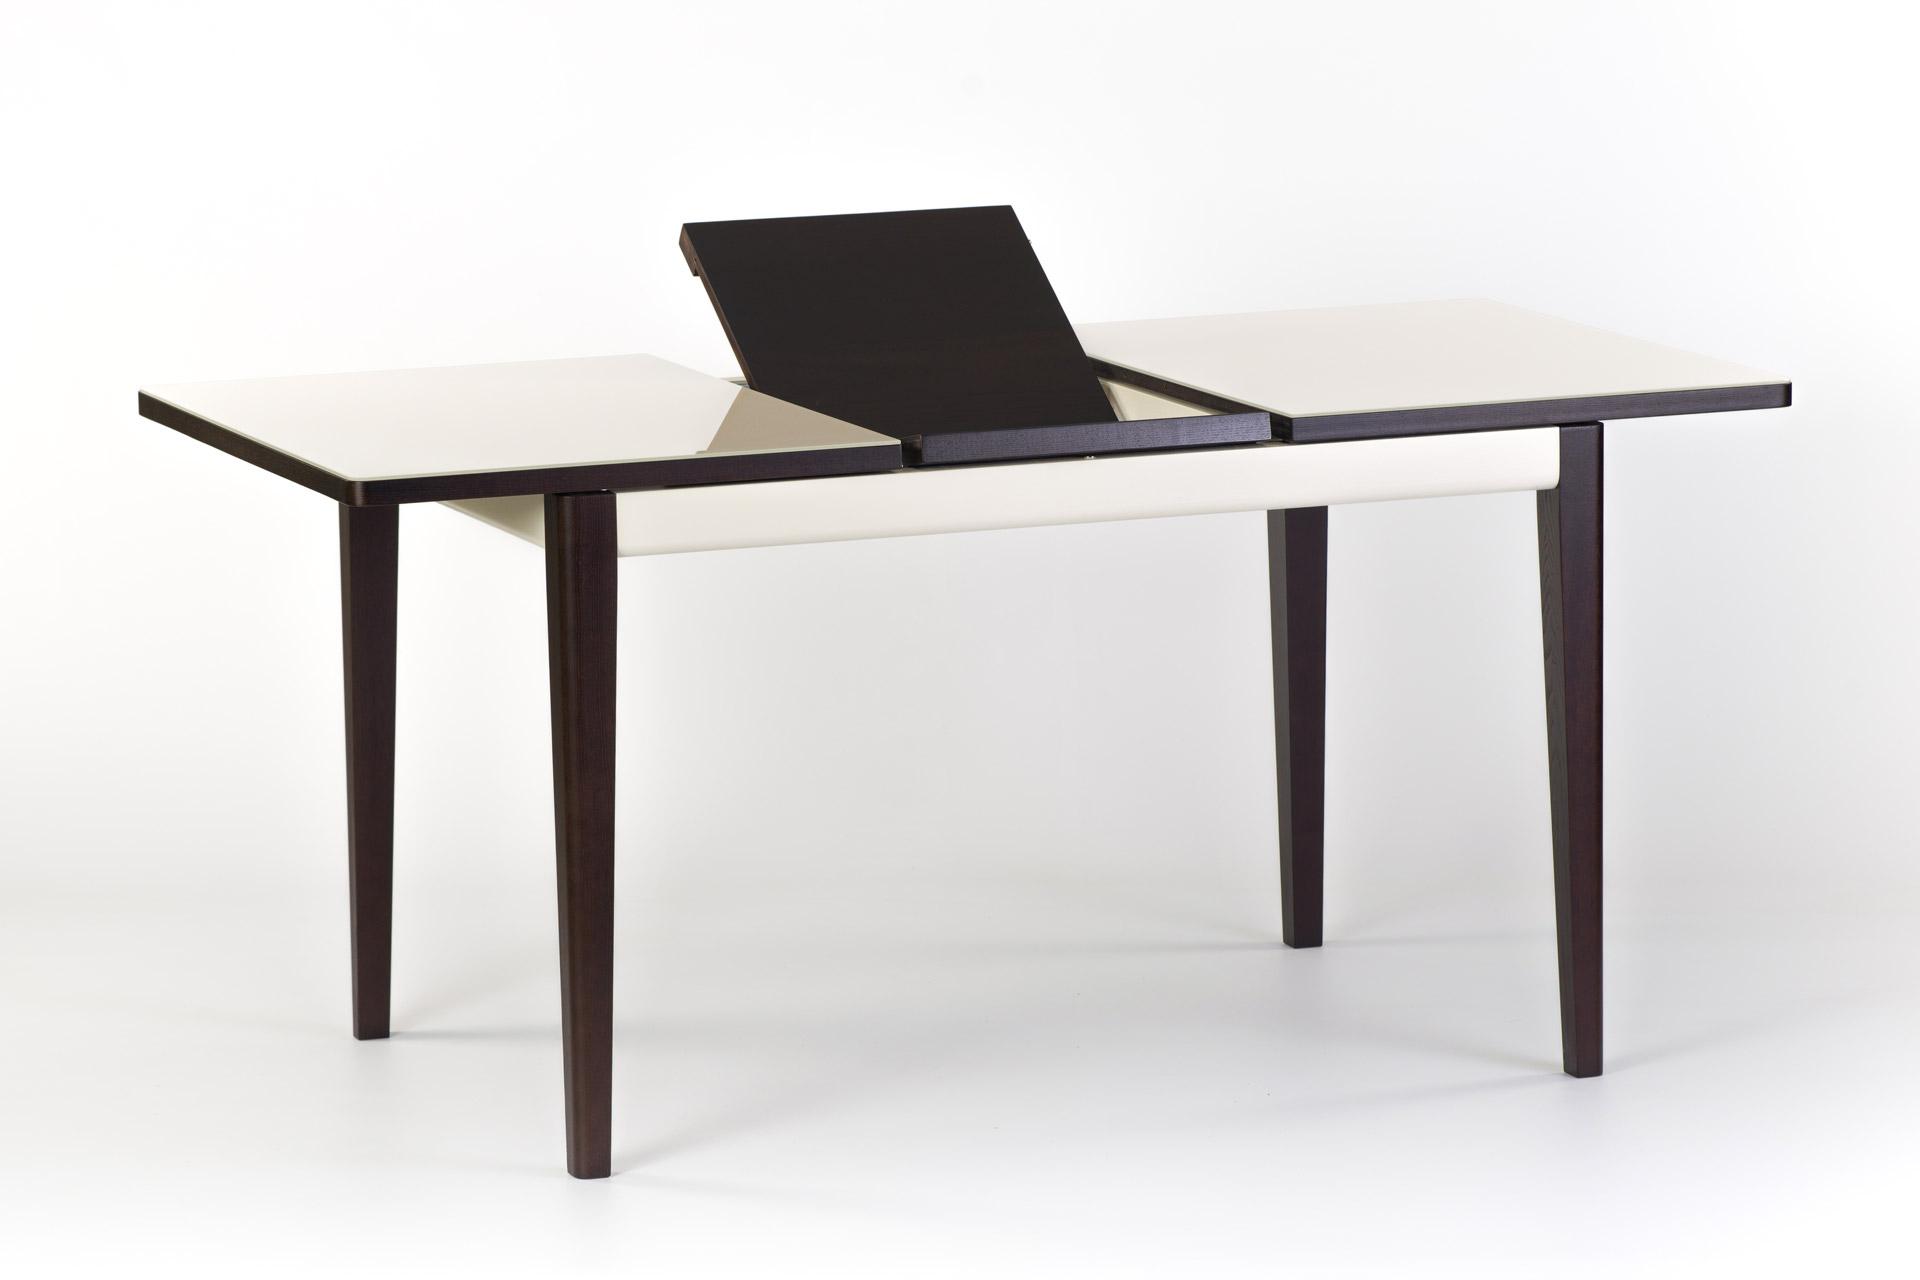 """Раскладной кухонный стол """"Фишер"""" - прямоугольный бежевая стеклянная столешница, черные ножки и царга. С механизмом раскладки столешницы"""